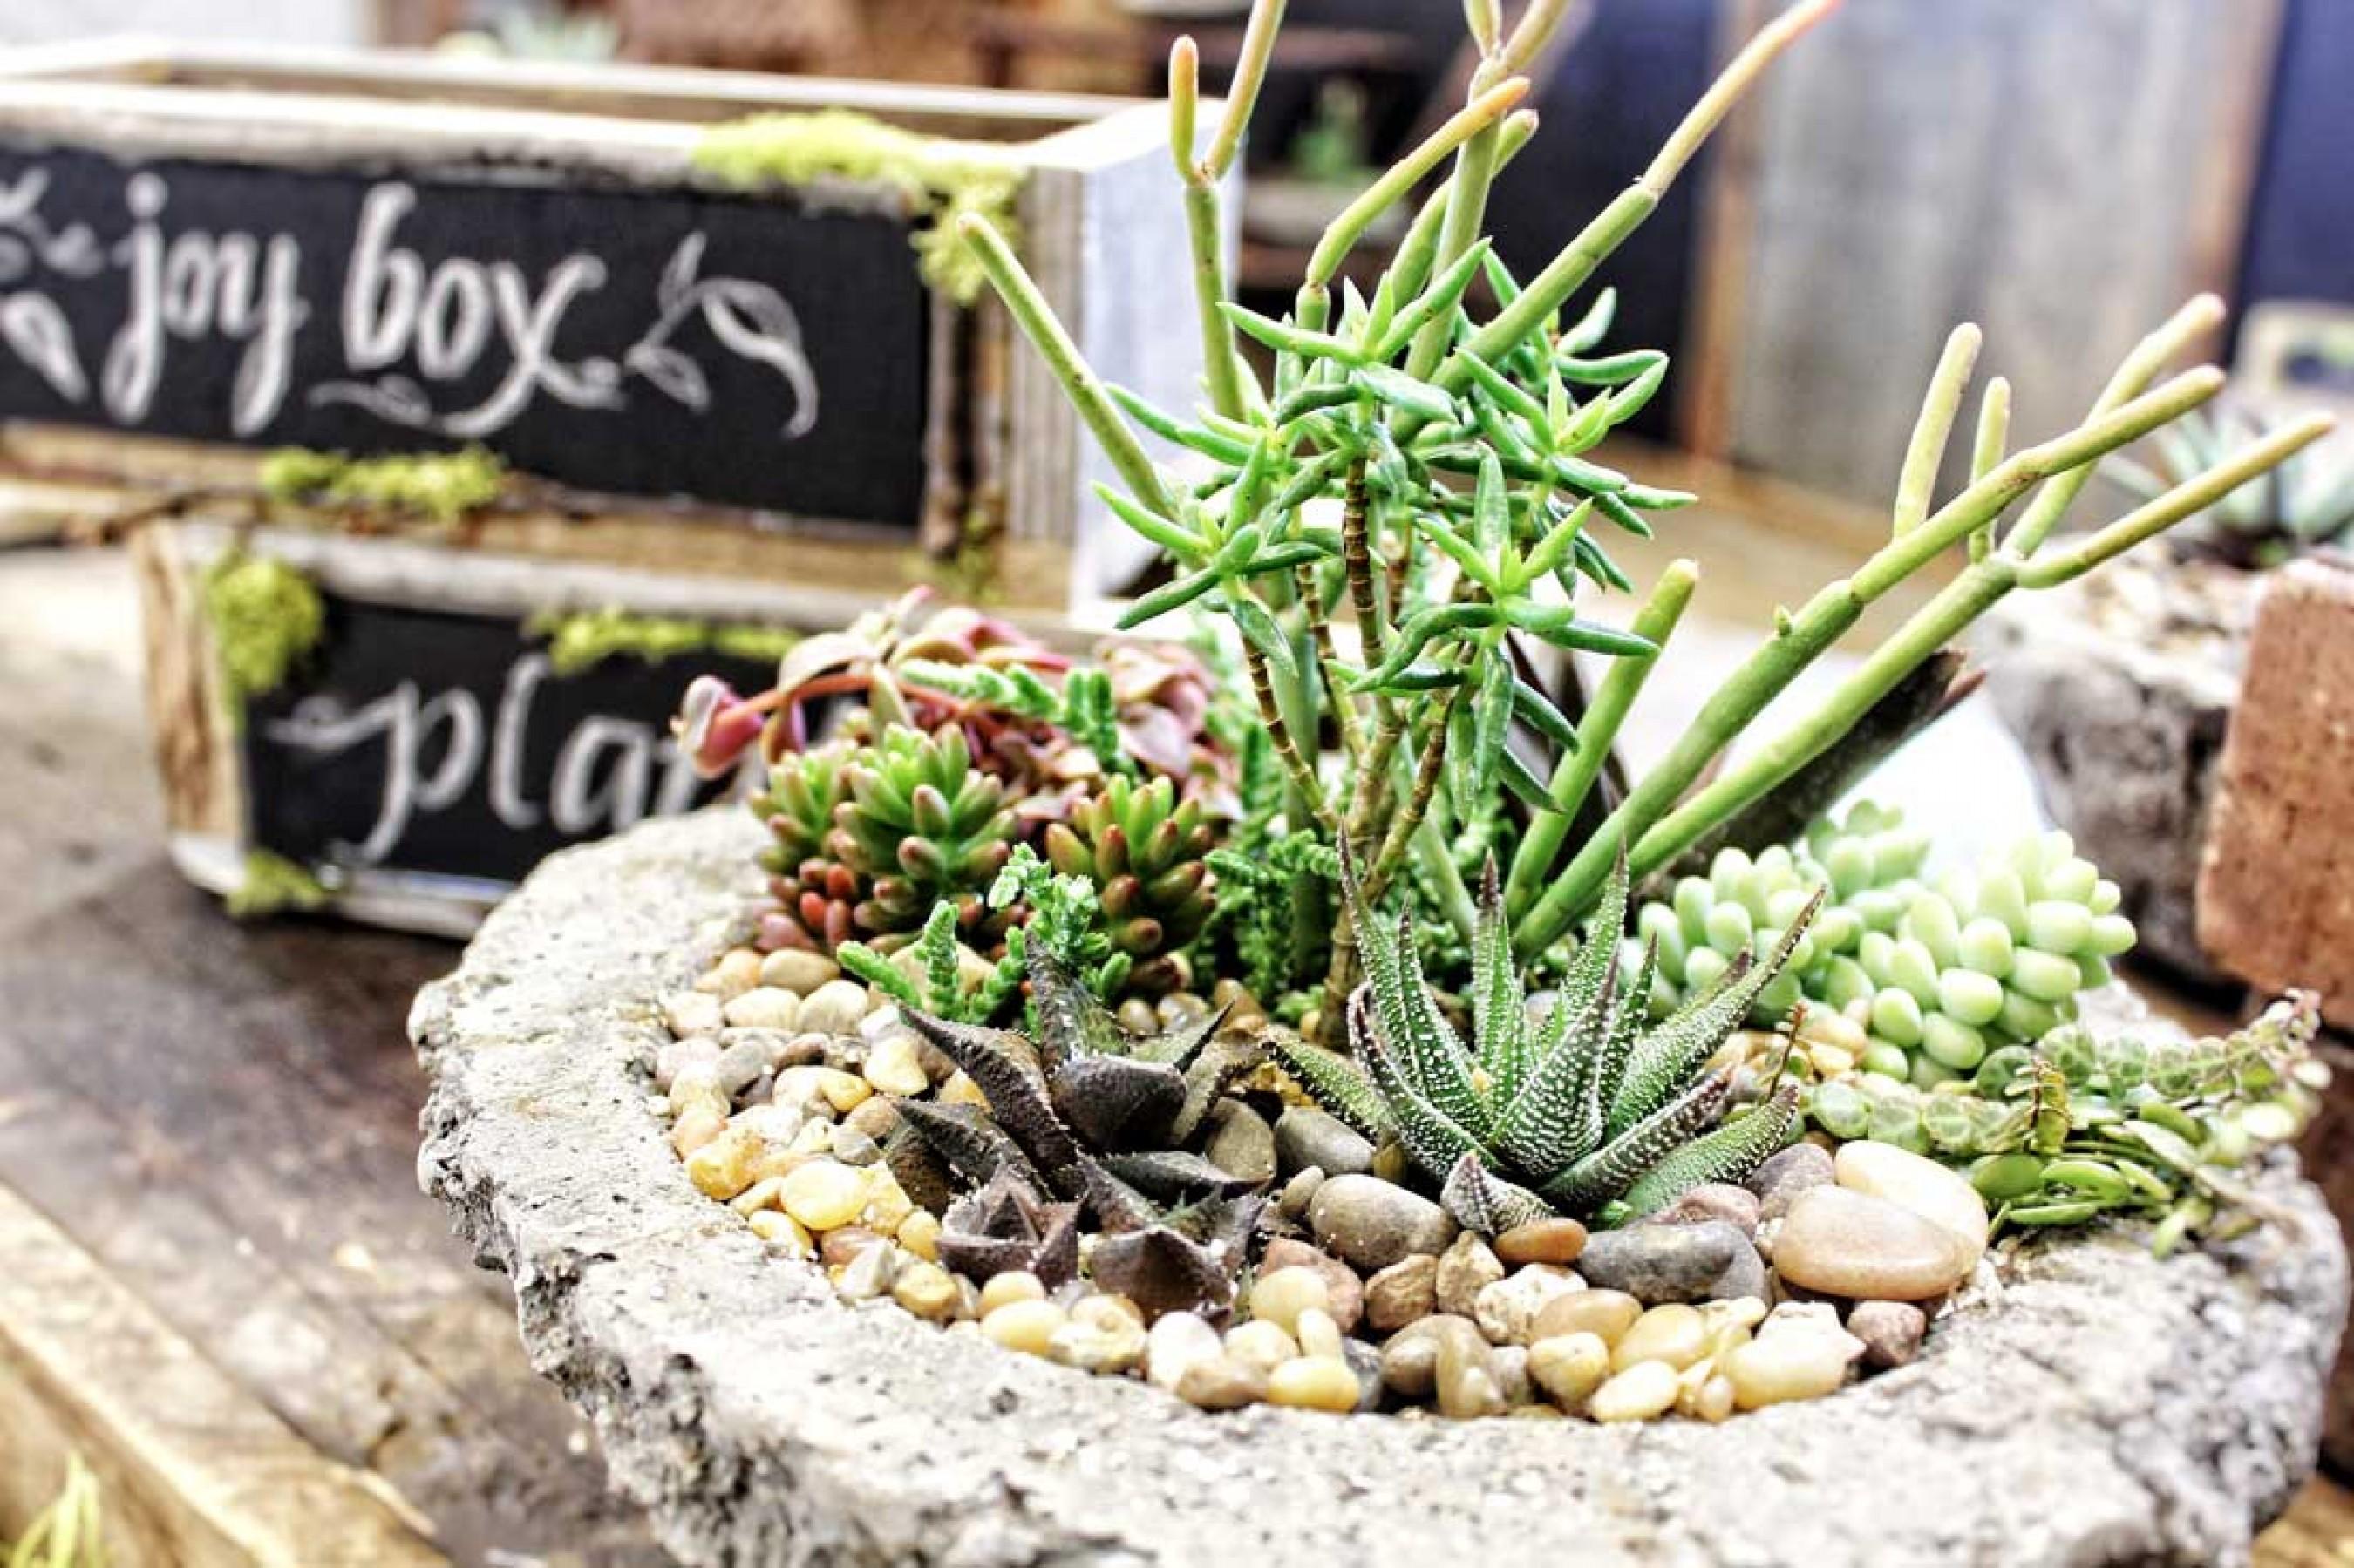 Plant Lookbook